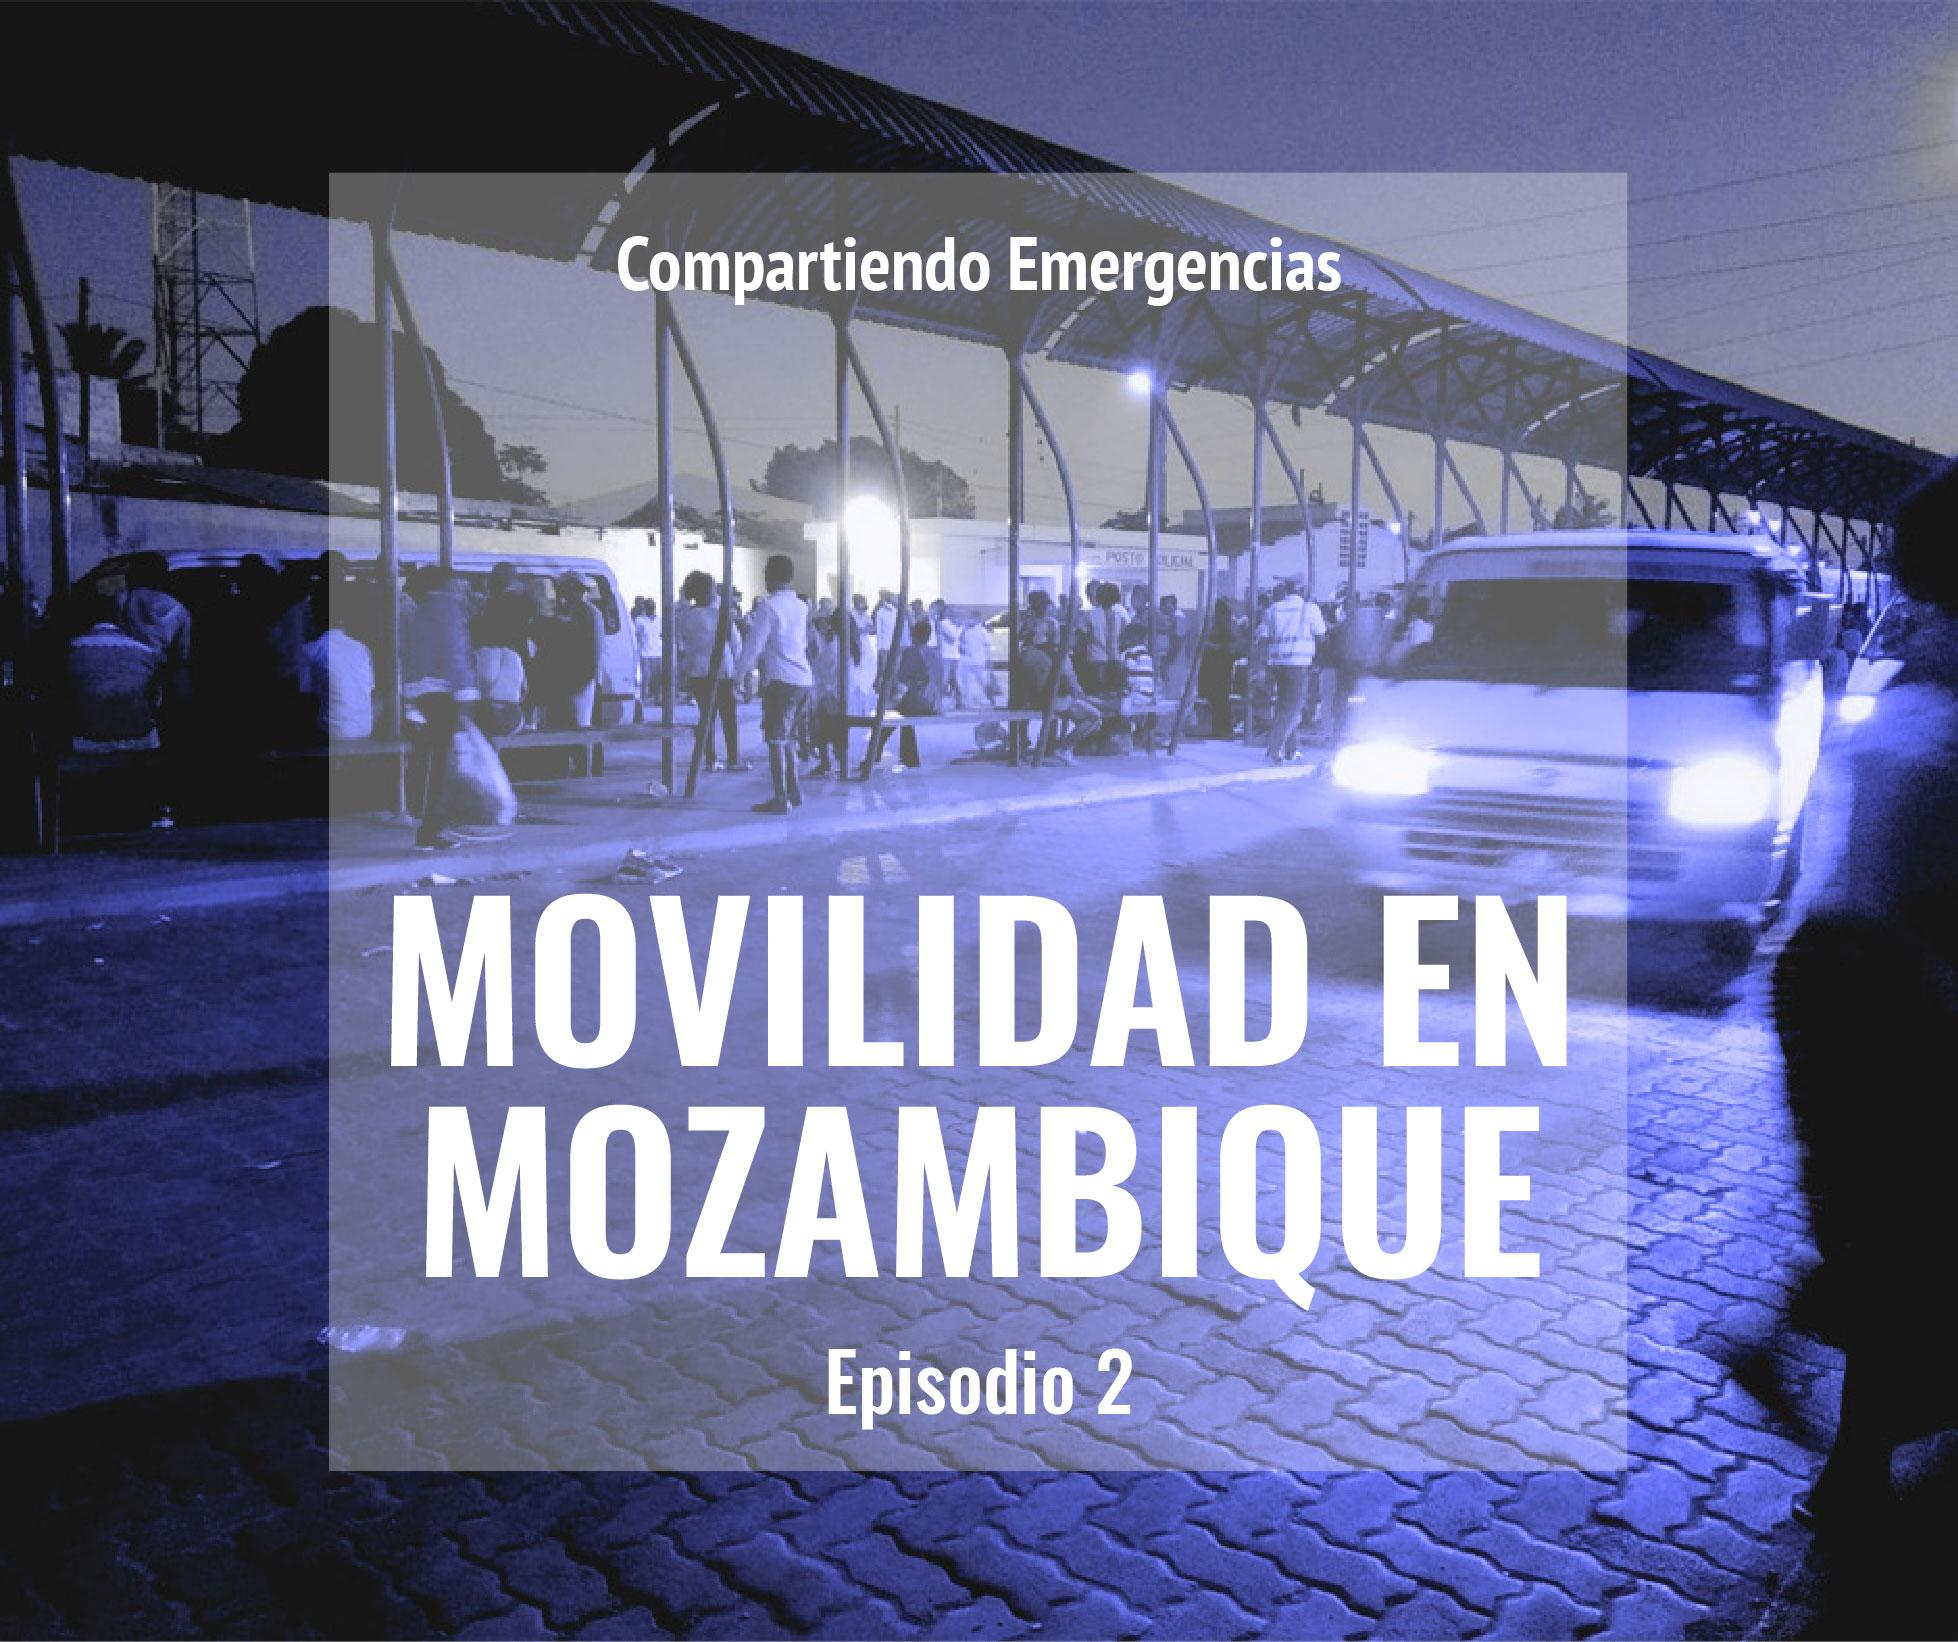 Movilidad En Mozambique